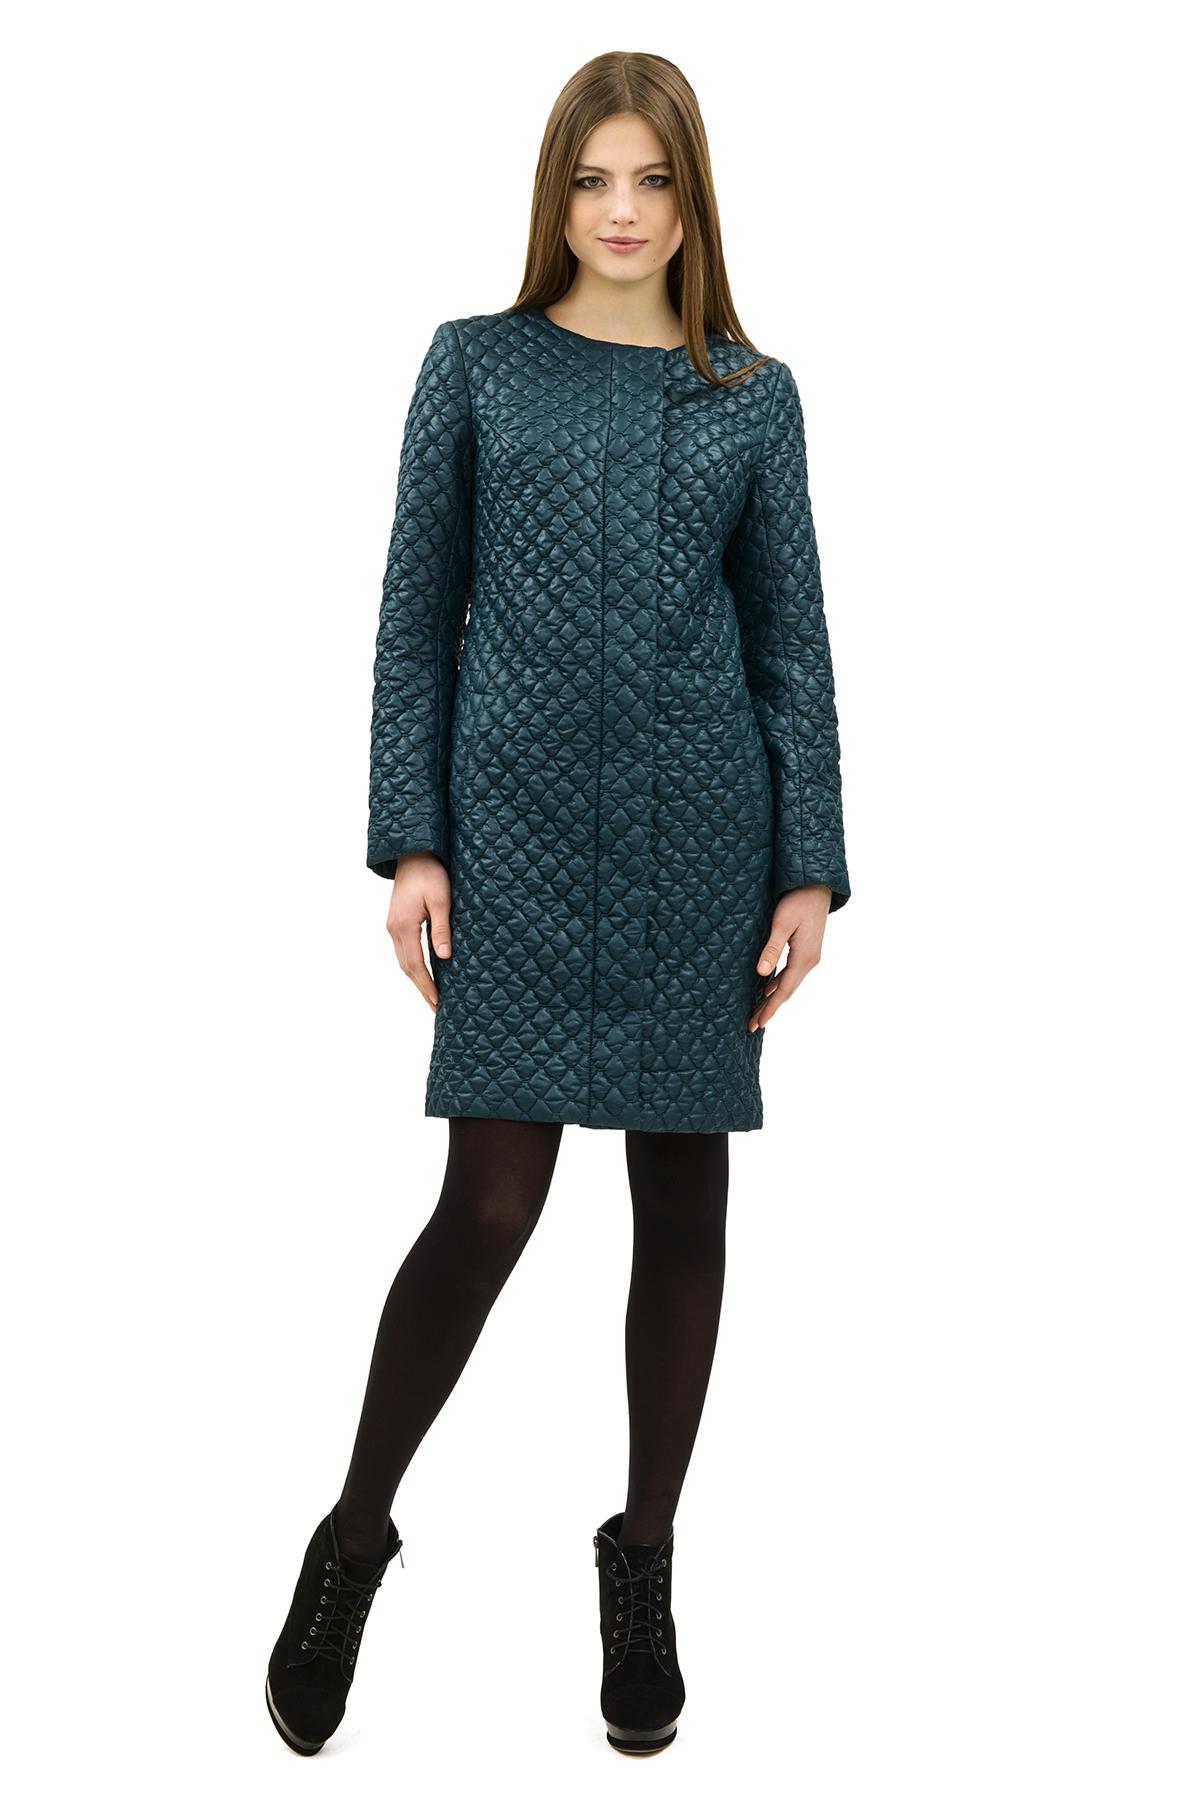 ПальтоЖенские куртки, плащи, пальто<br>Bосхитительный вариант для тех, кто предпочитает стильные решения - элегантное пальтоDoctor Eсдержанного модного дизайна, который подчеркнет Ваш безупречный вкус.<br><br>Цвет: зеленый<br>Состав: 100% полиэстер, подкладка- 100% полиэстер<br>Размер: 40,42,52,54,60<br>Страна дизайна: Россия<br>Страна производства: Россия